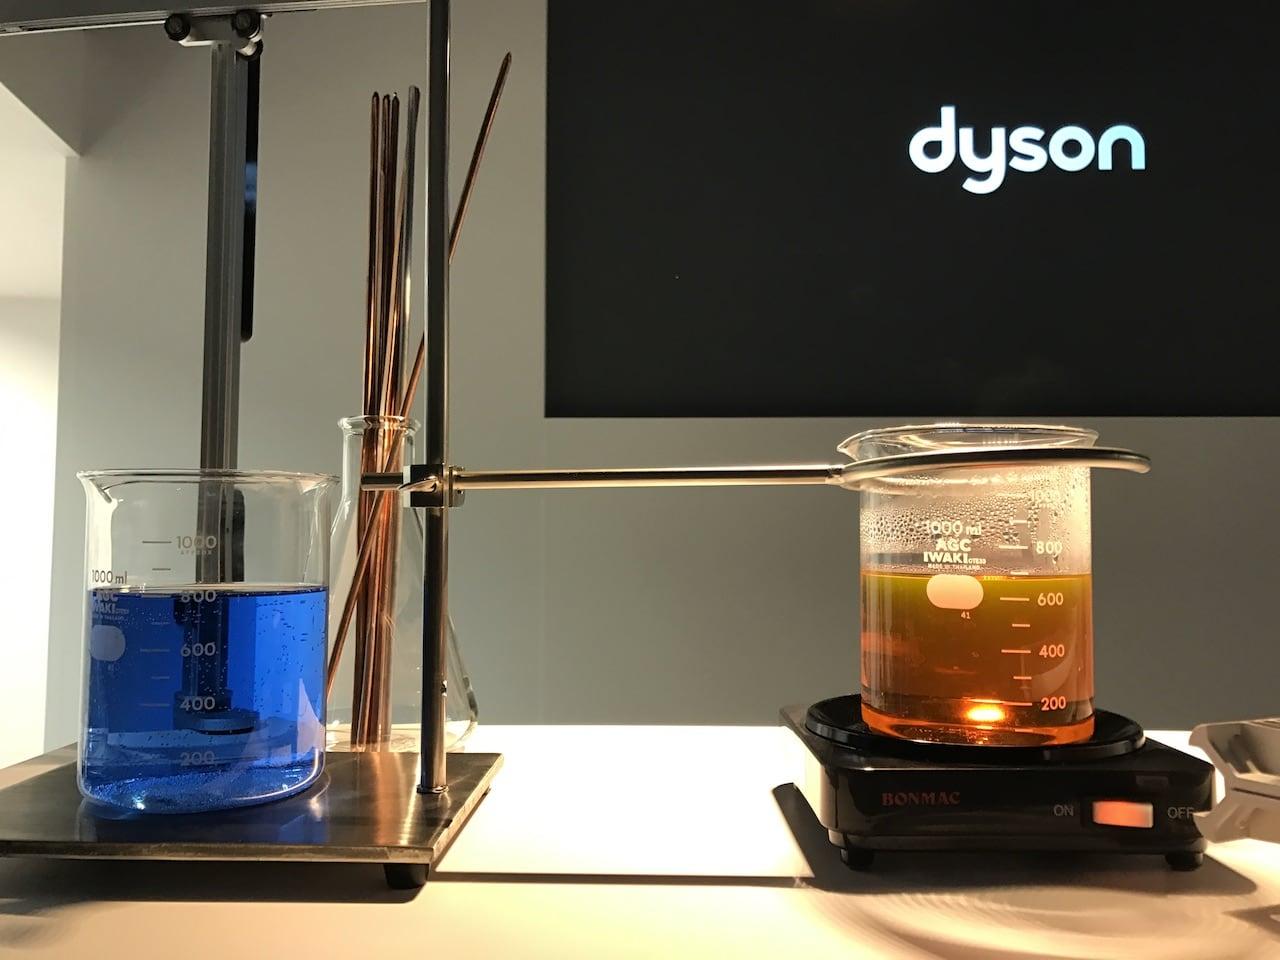 dyson-heat-pipe-technology.JPG